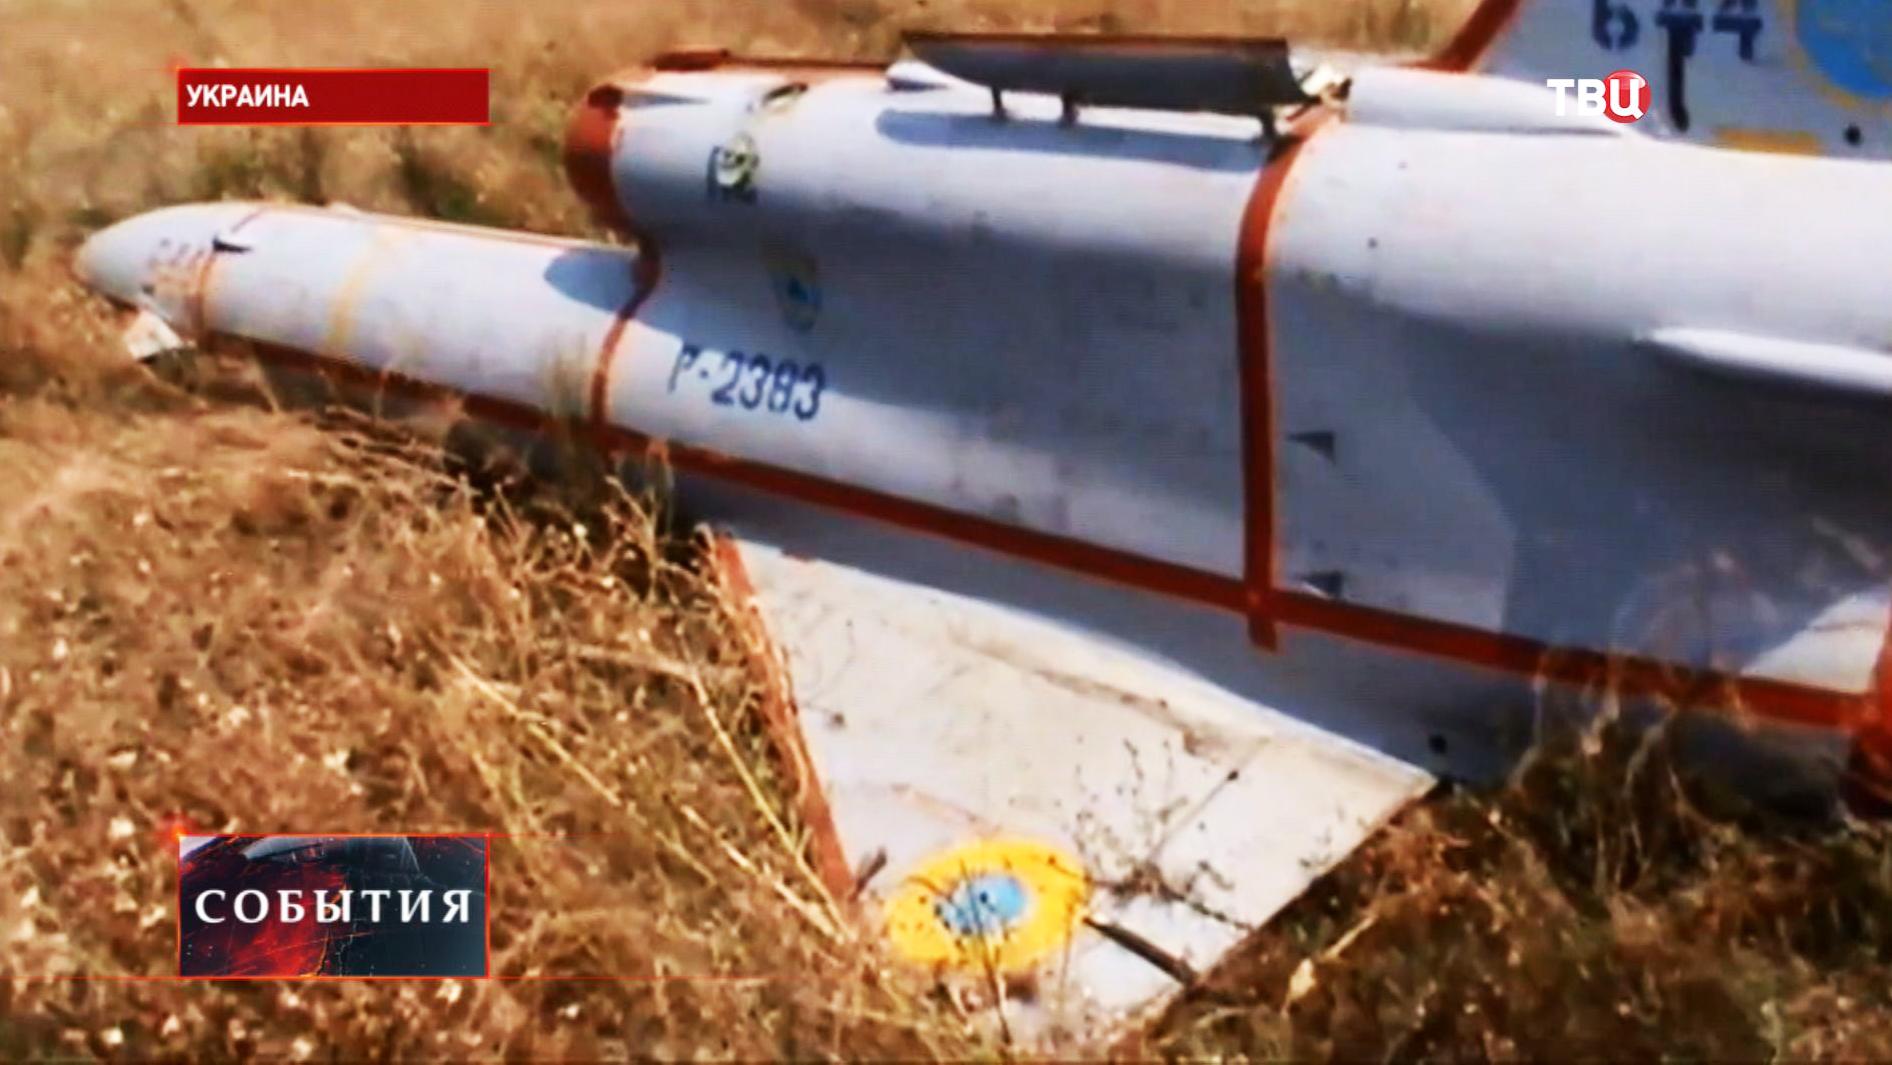 Беспилотный летательный аппарат Ту-143 ВС Украины